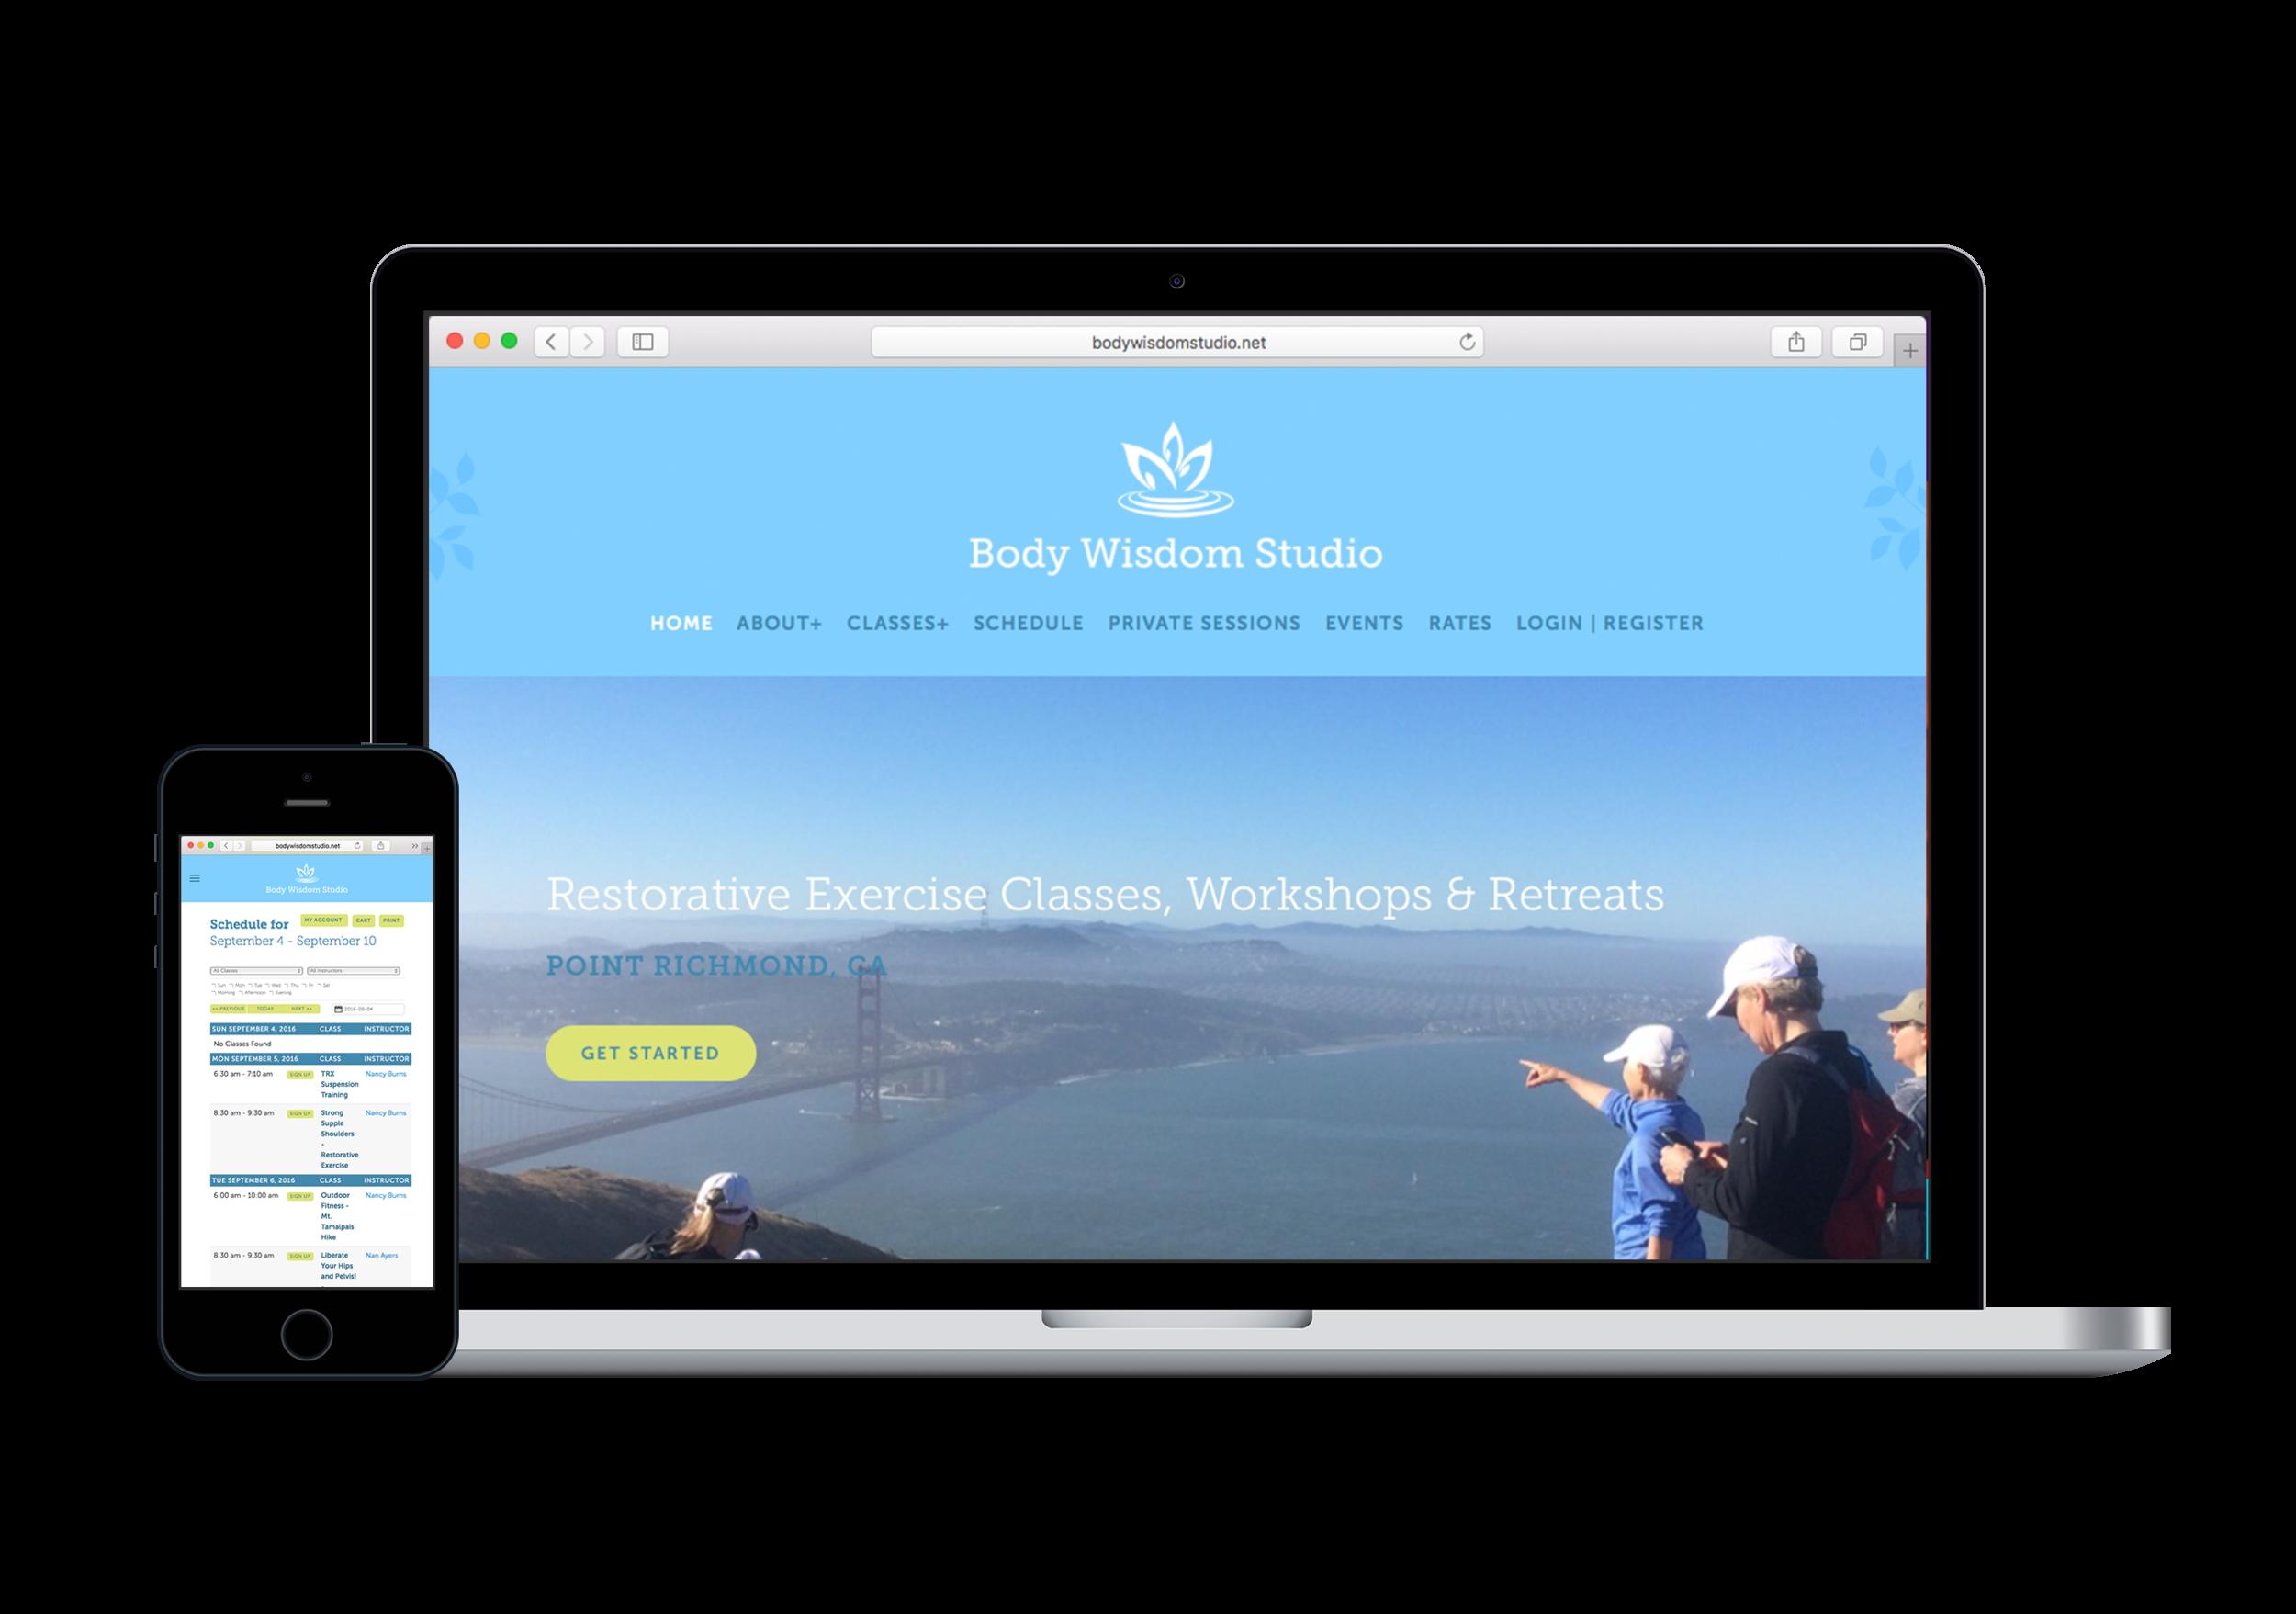 Fitness studio website design